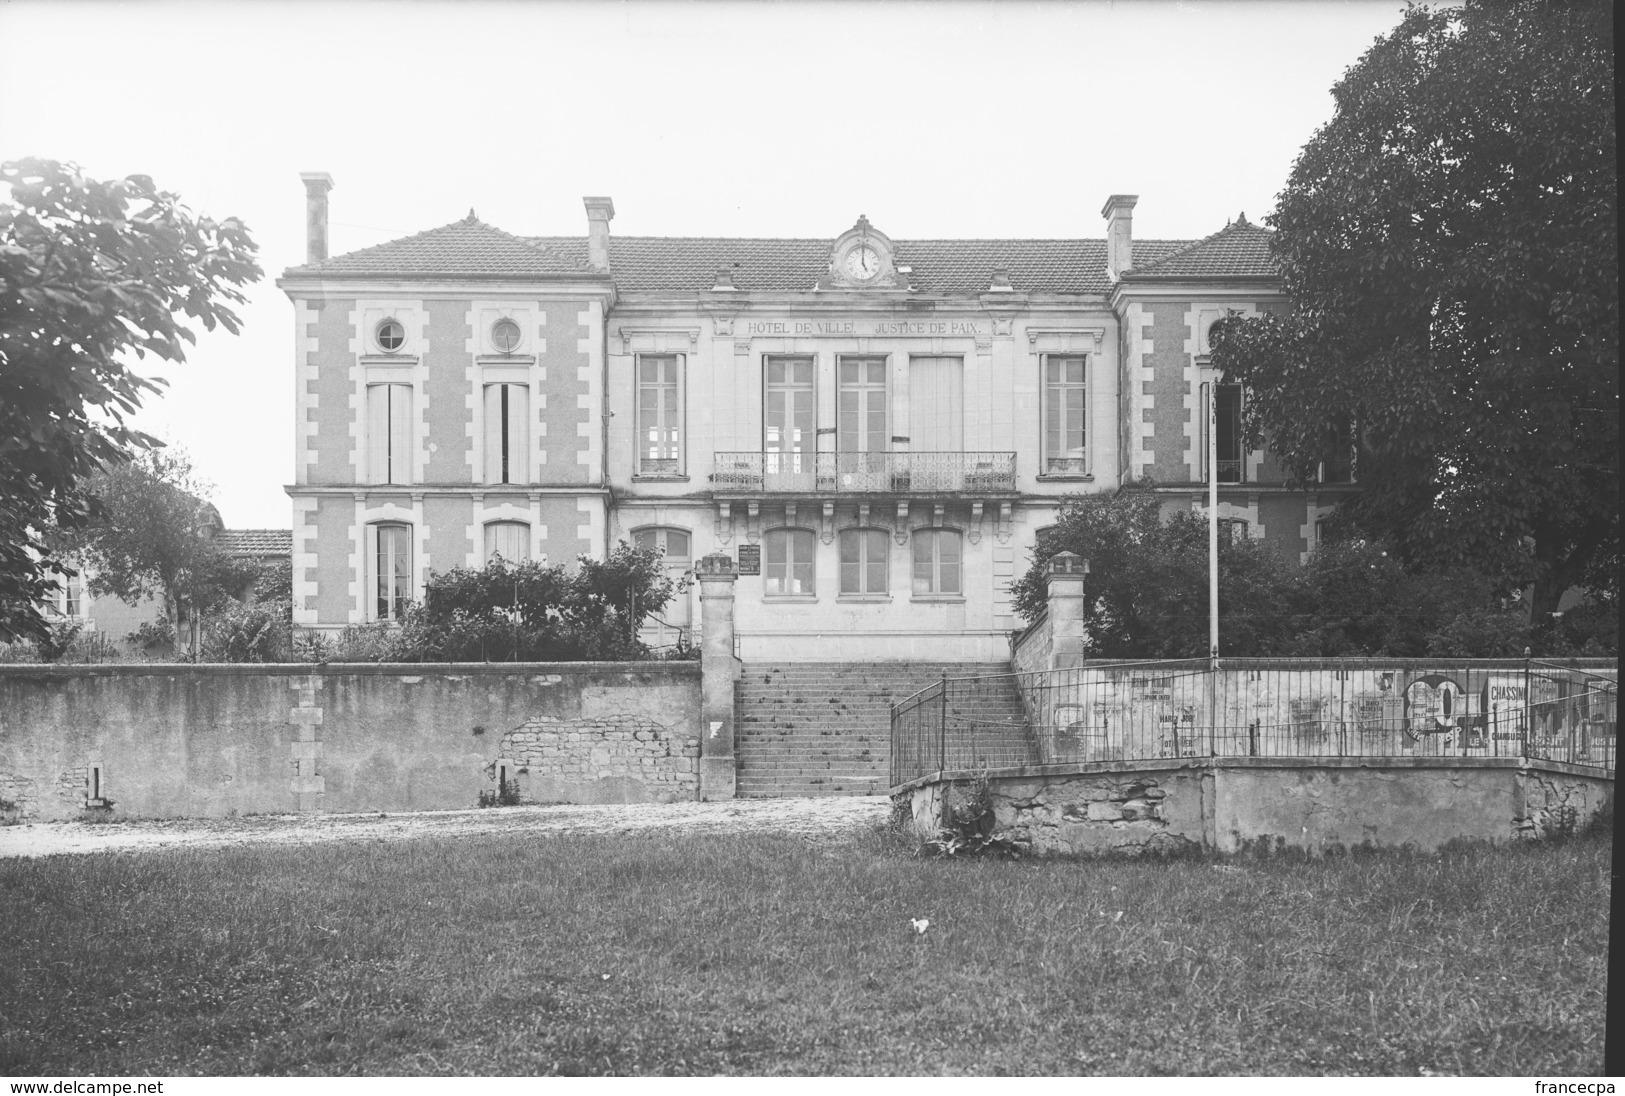 PN - 181 - CHARENTE - 16 - SAINT AMANT DE BOIXE - L'Hôtel De Ville Et La Justice De Paix - Plaques De Verre